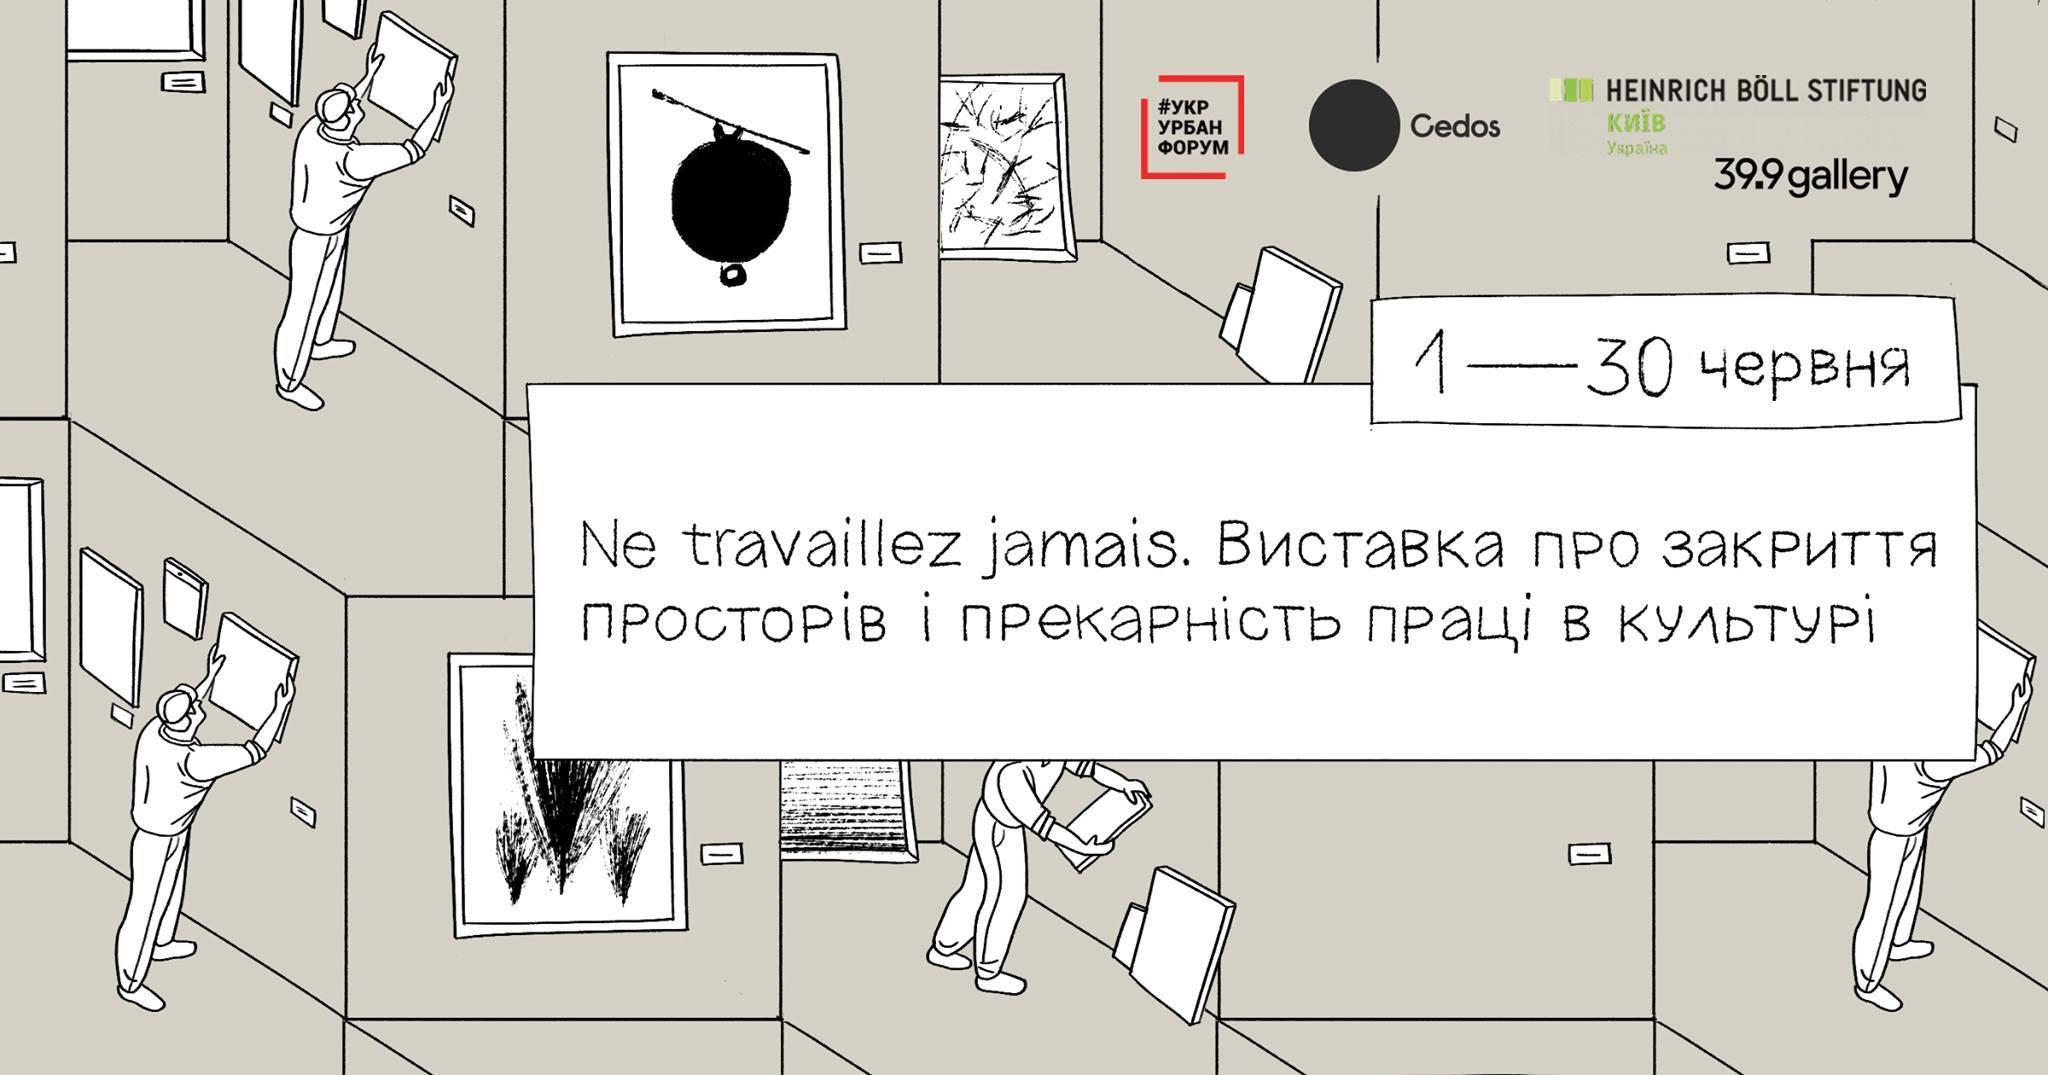 Виставка про закриття просторів... в 39.9gallery